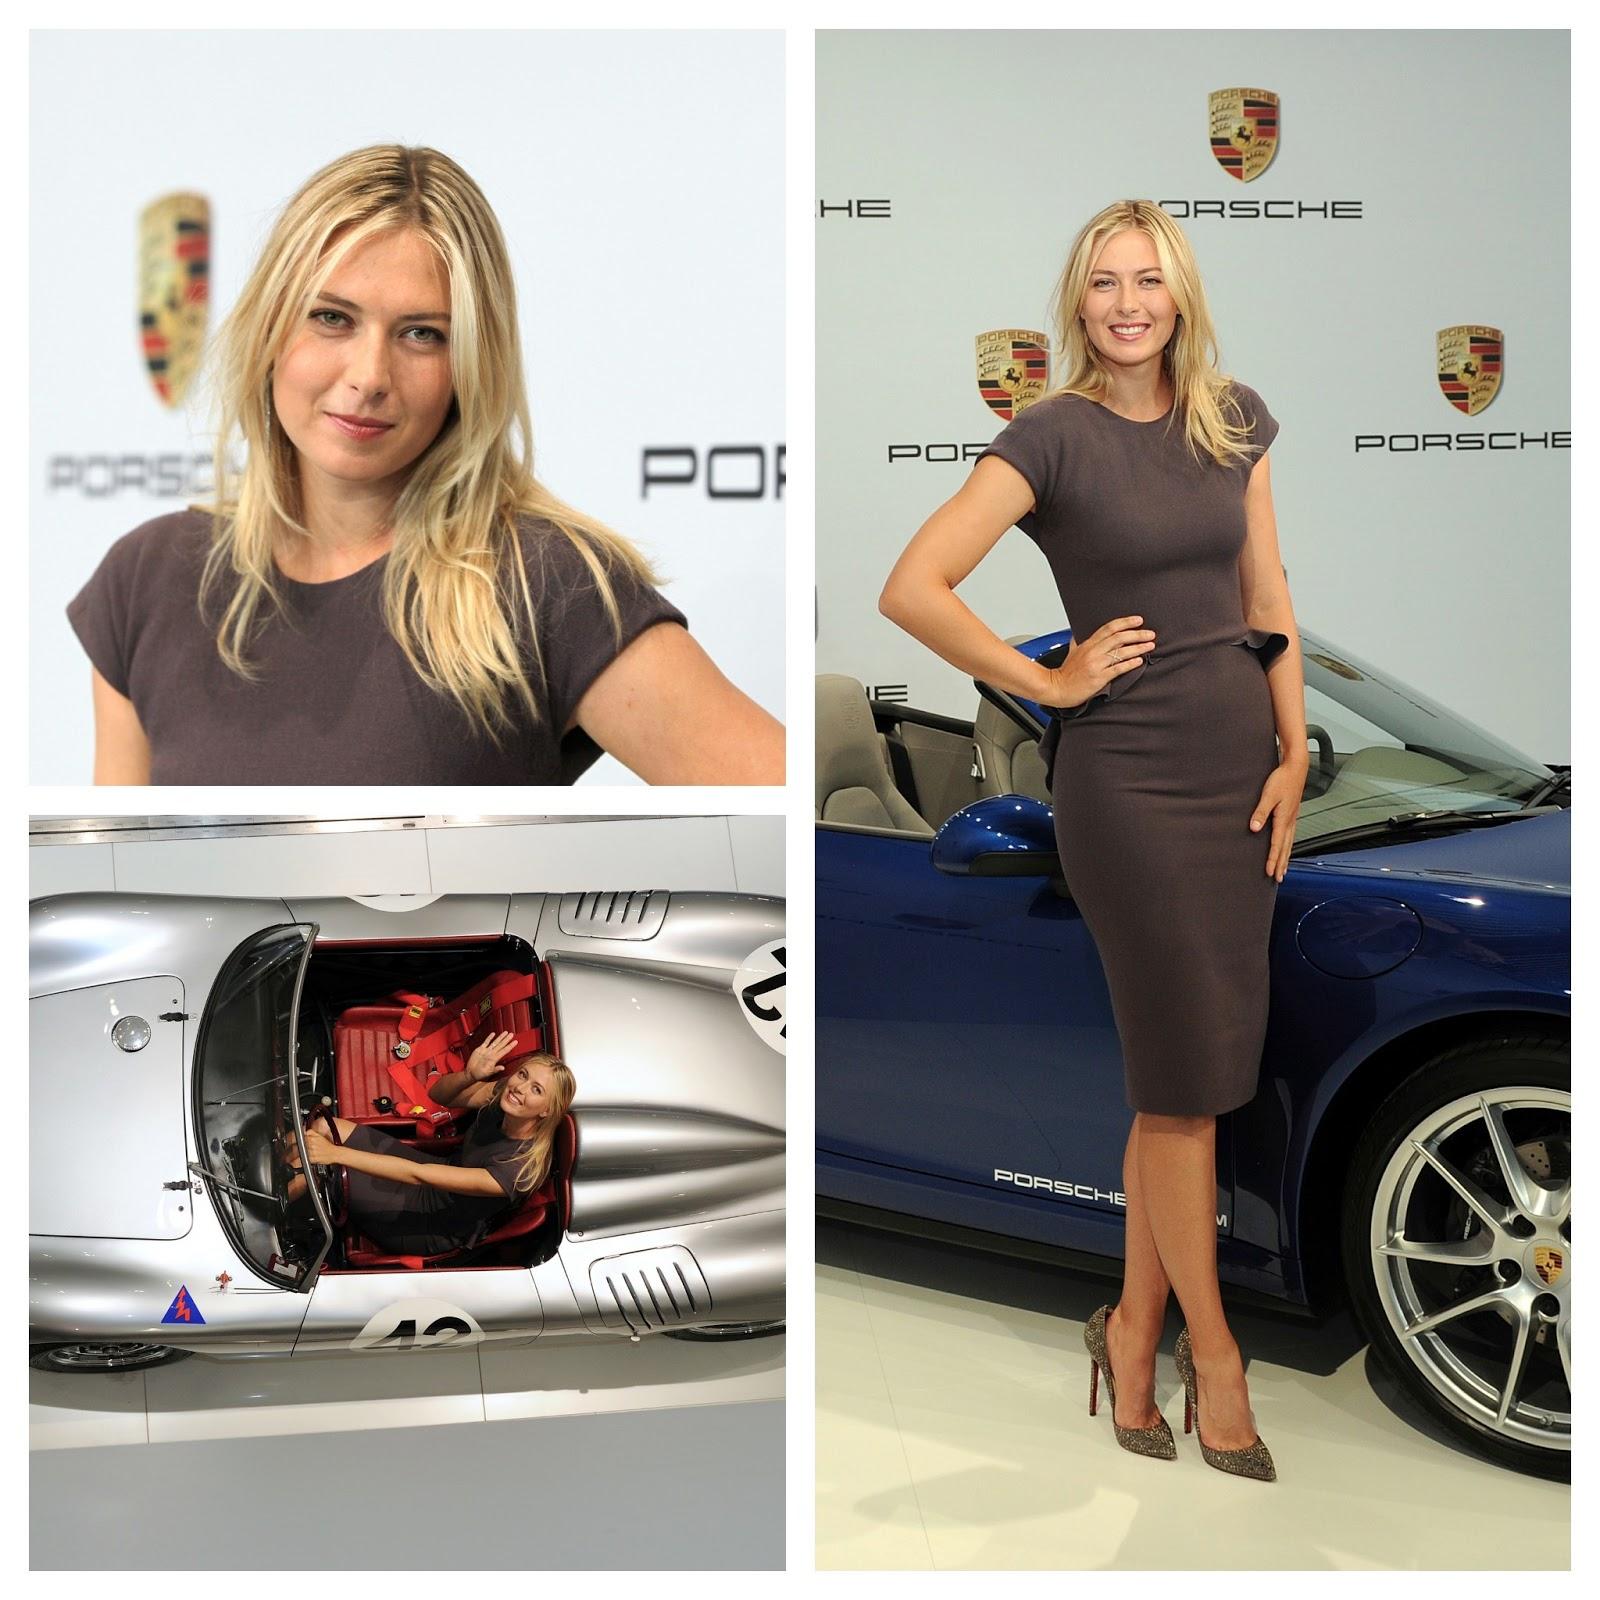 http://3.bp.blogspot.com/-P1bIHW4Bp7c/UXiLrSylrjI/AAAAAAAAbM4/taeS8KAWZEI/s1600/Porsche+Maria+Sharapova.jpg